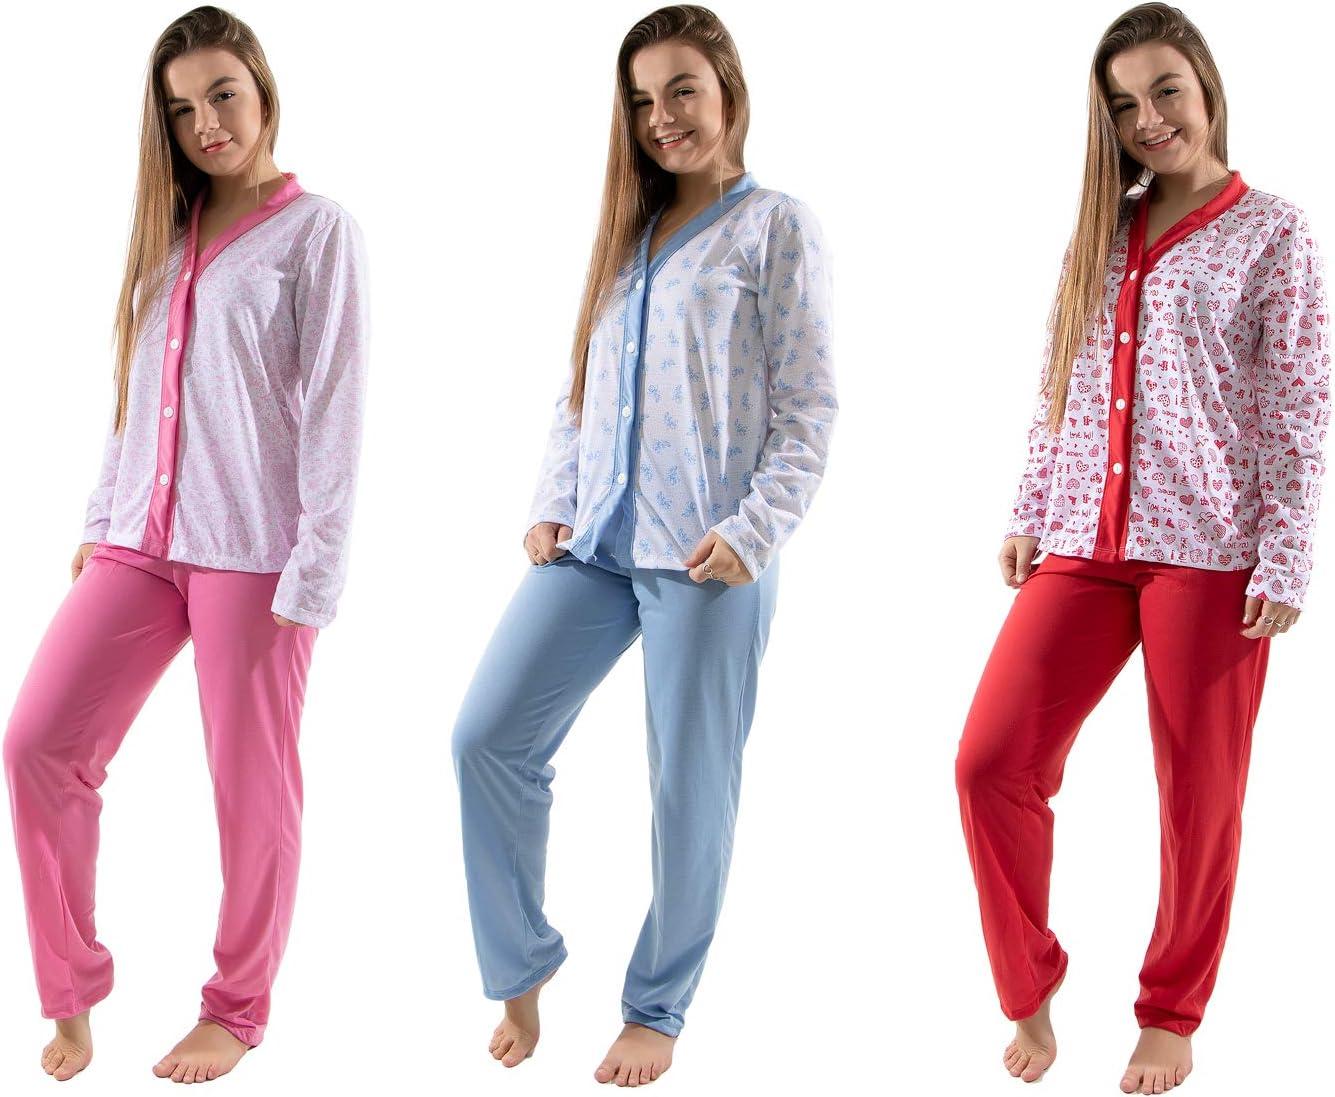 Kit 3 Pijama Amamentação Com Botão Manga Comprida Inverno Feminino Estampado (G) | Amazon.com.br